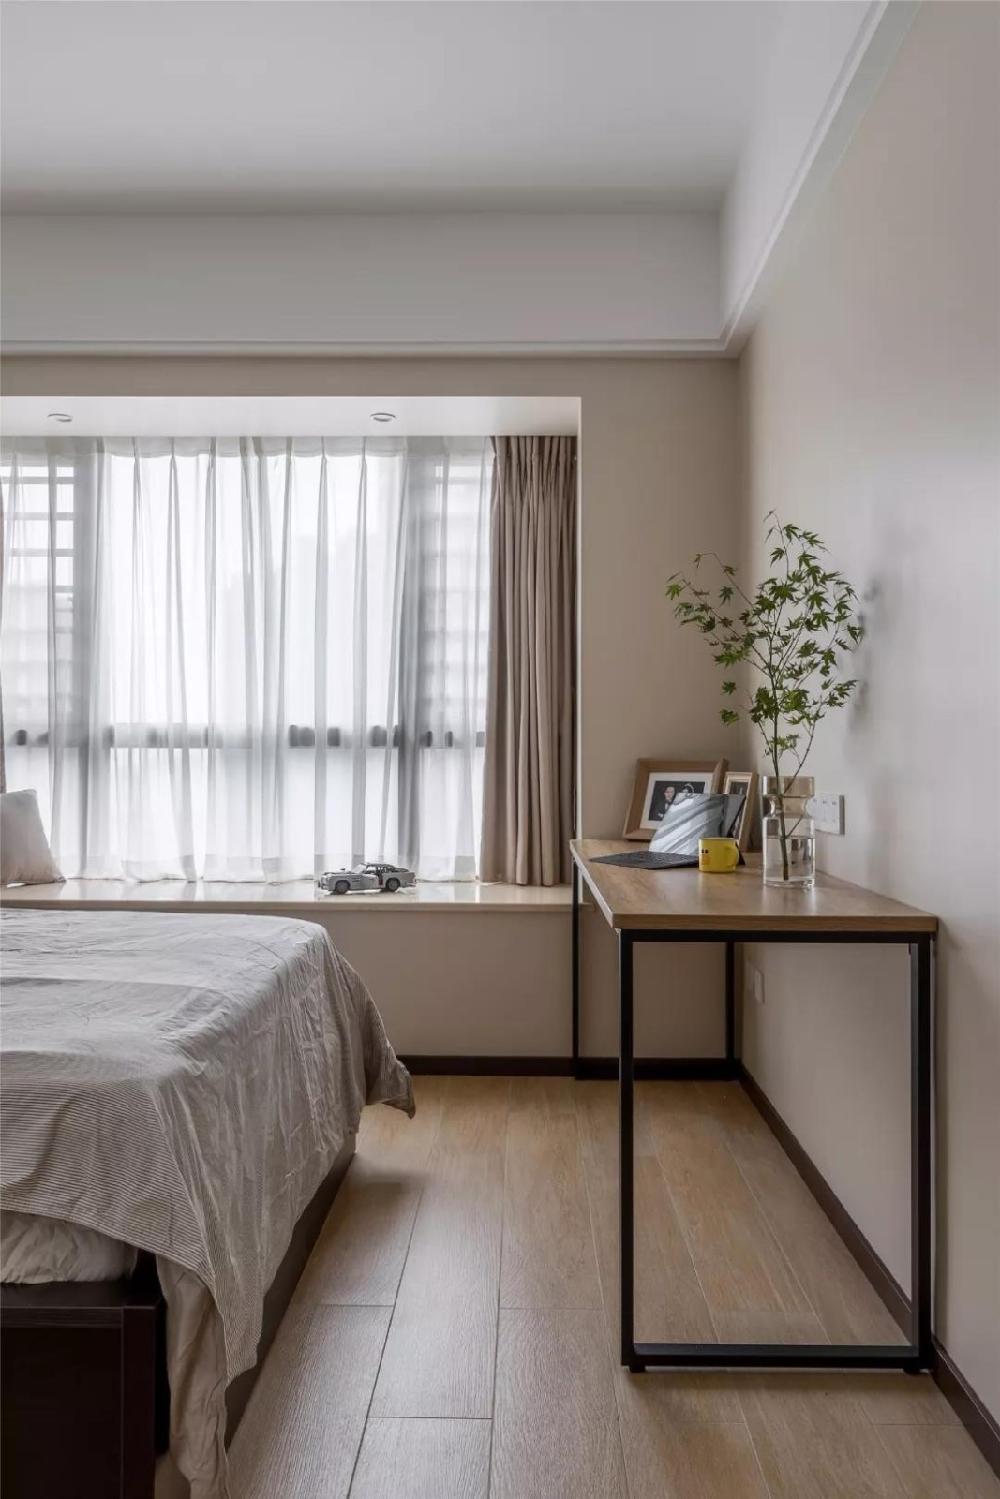 96㎡现代简约,玄关旁做个走廊+卫生间13496006